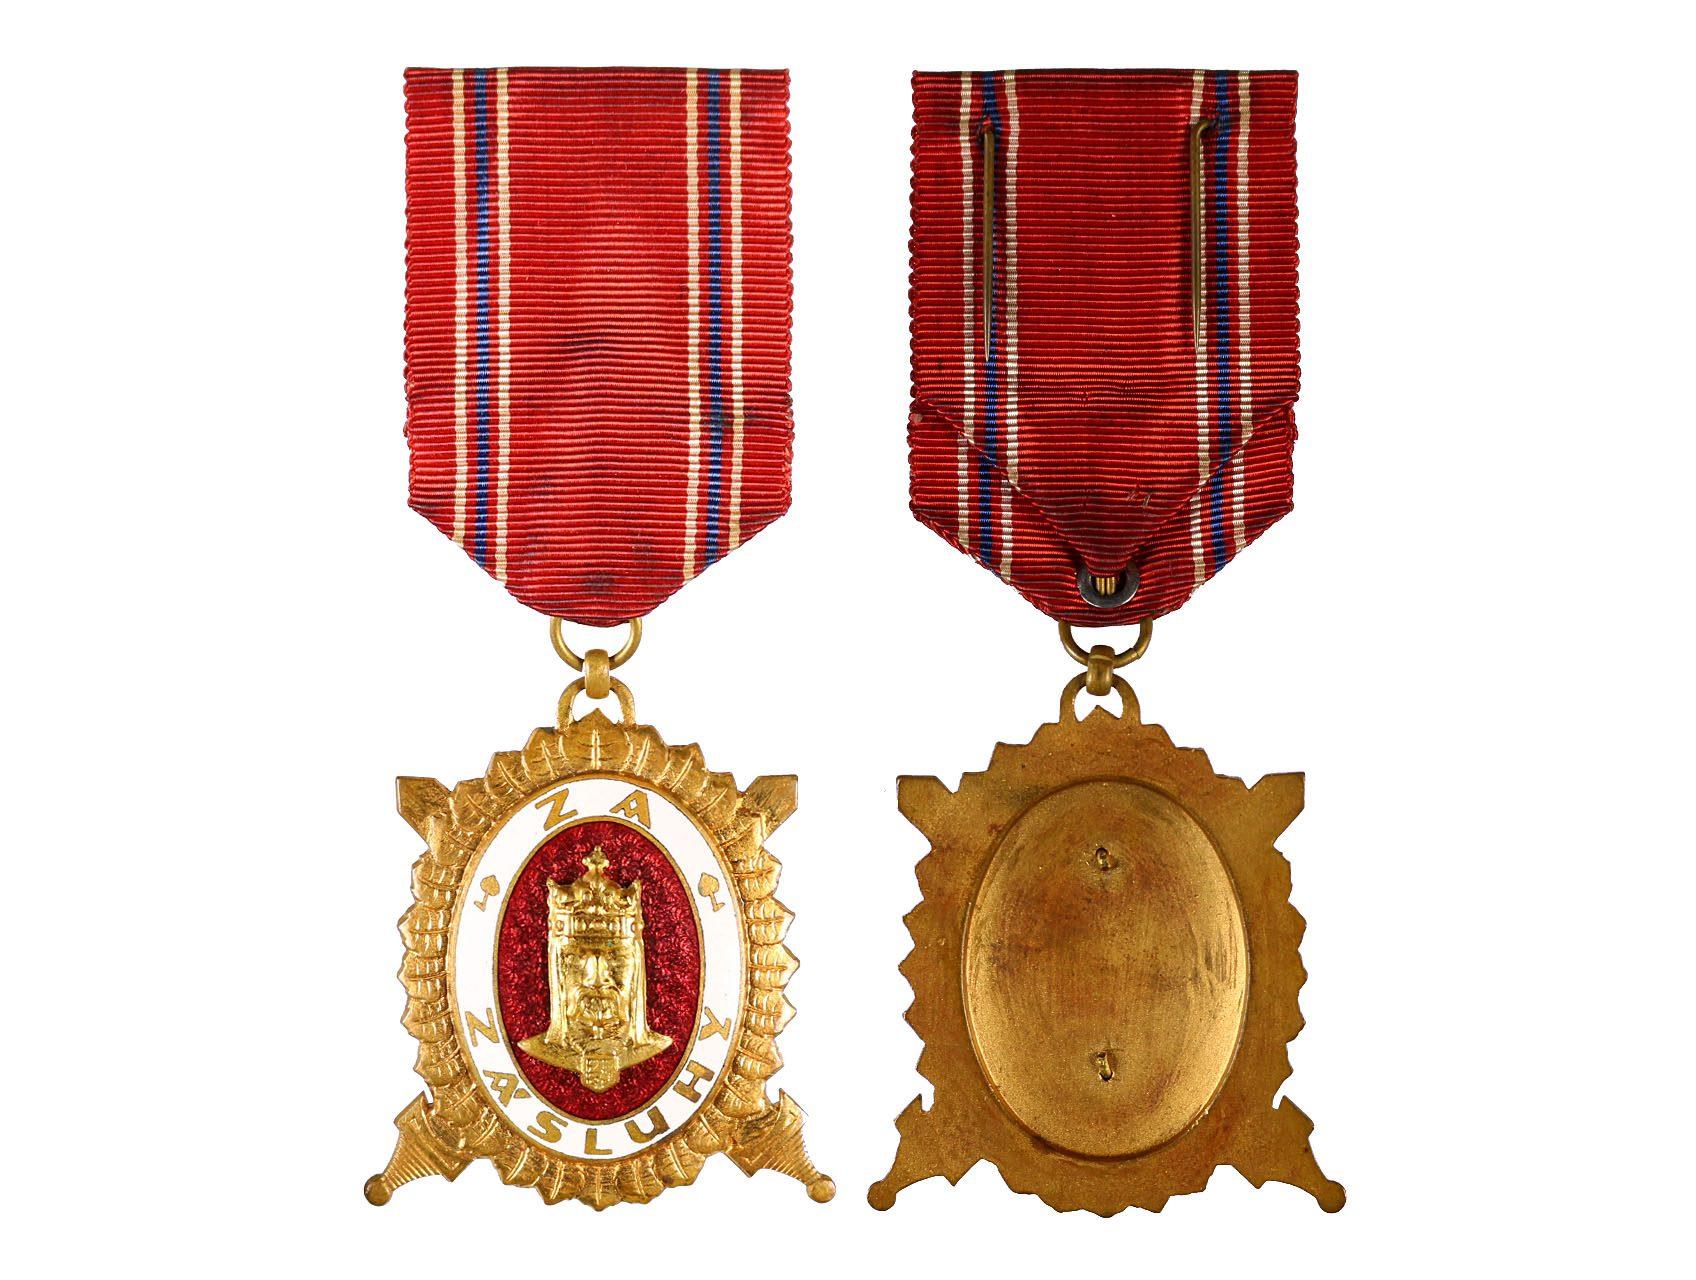 Diplomový čestný odznak krále Karla IV., stupeň čestný člen, Zlatý čestný odznak 1. třídy za civilní zásluhy, typ 1945-1949, N96a1b